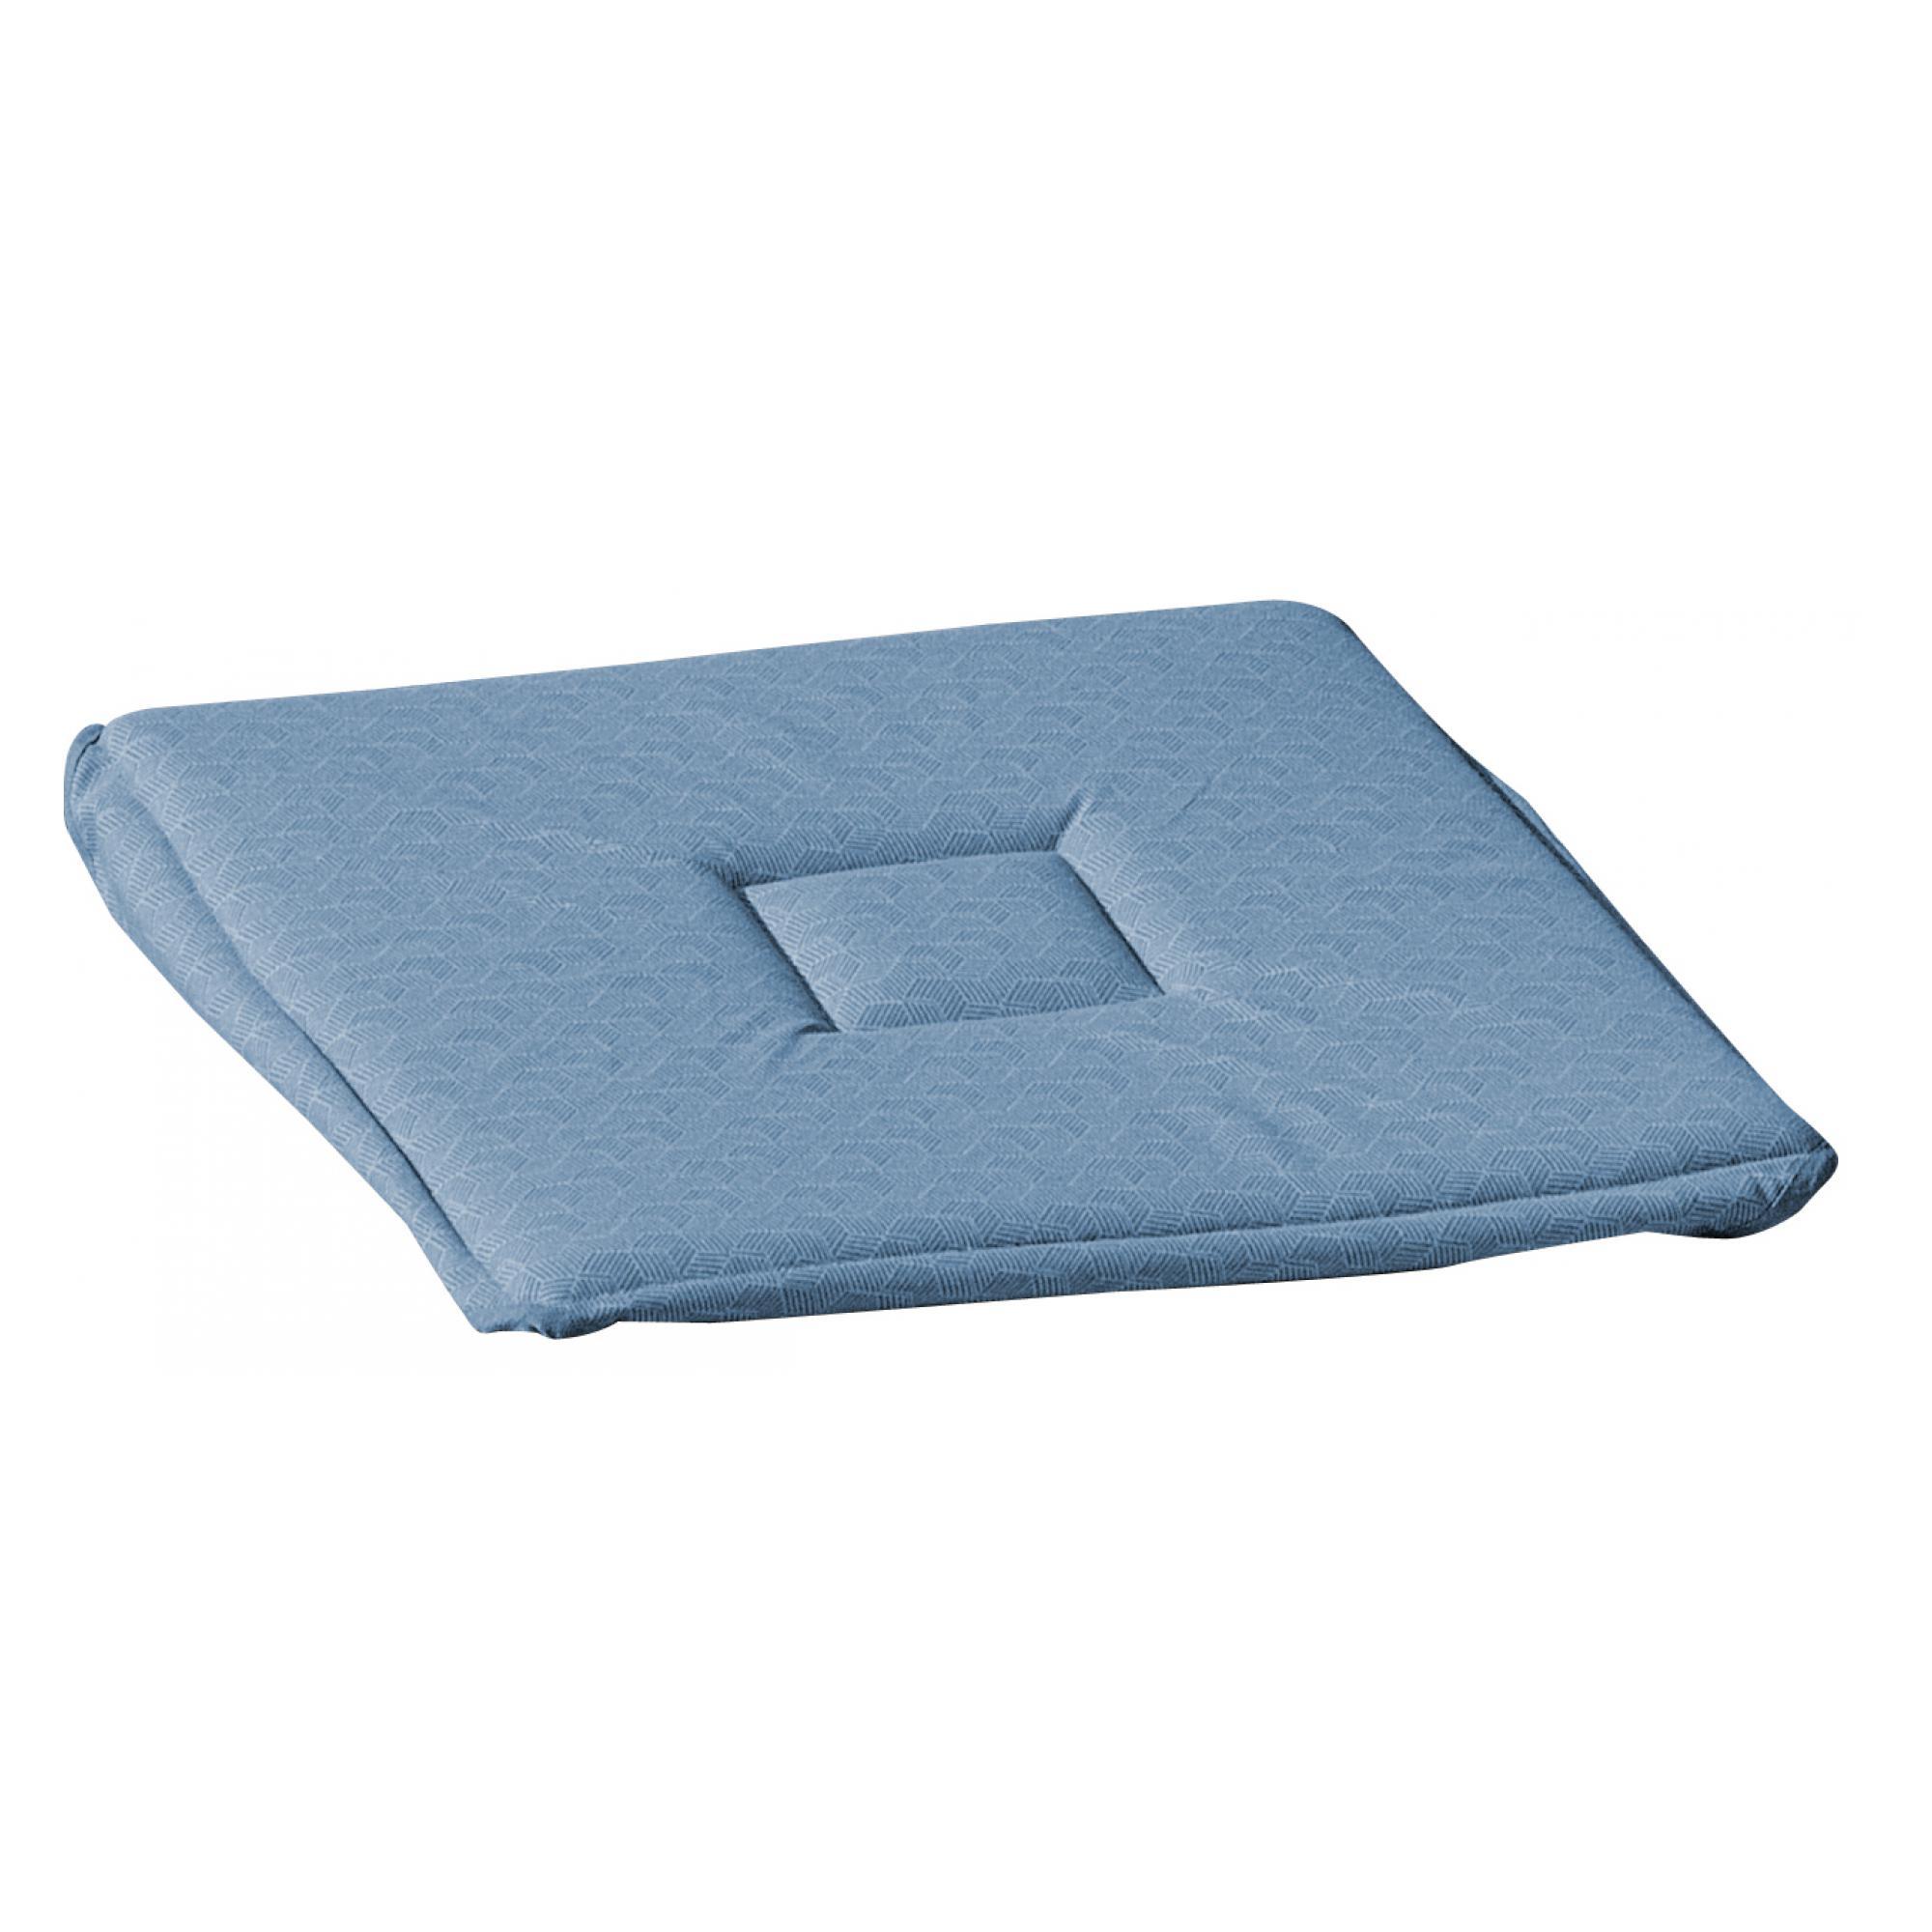 Galette à rabats  en coton bleu denim 38 x 38 x 2